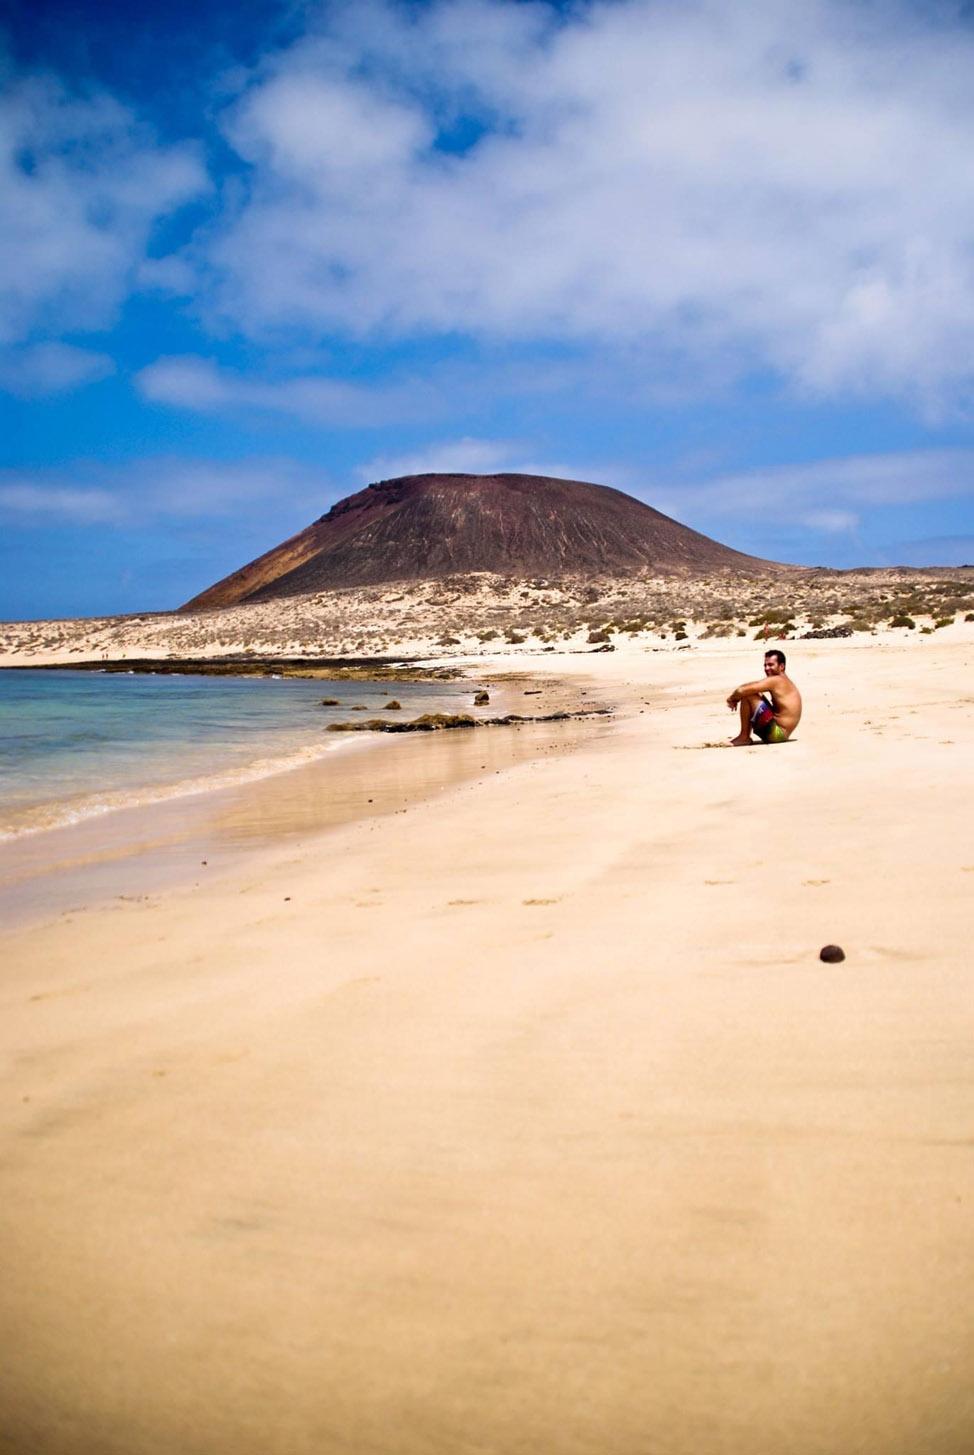 La Graciosa, un paraíso de playas vírgenes | Macaronesia Fuerteventura